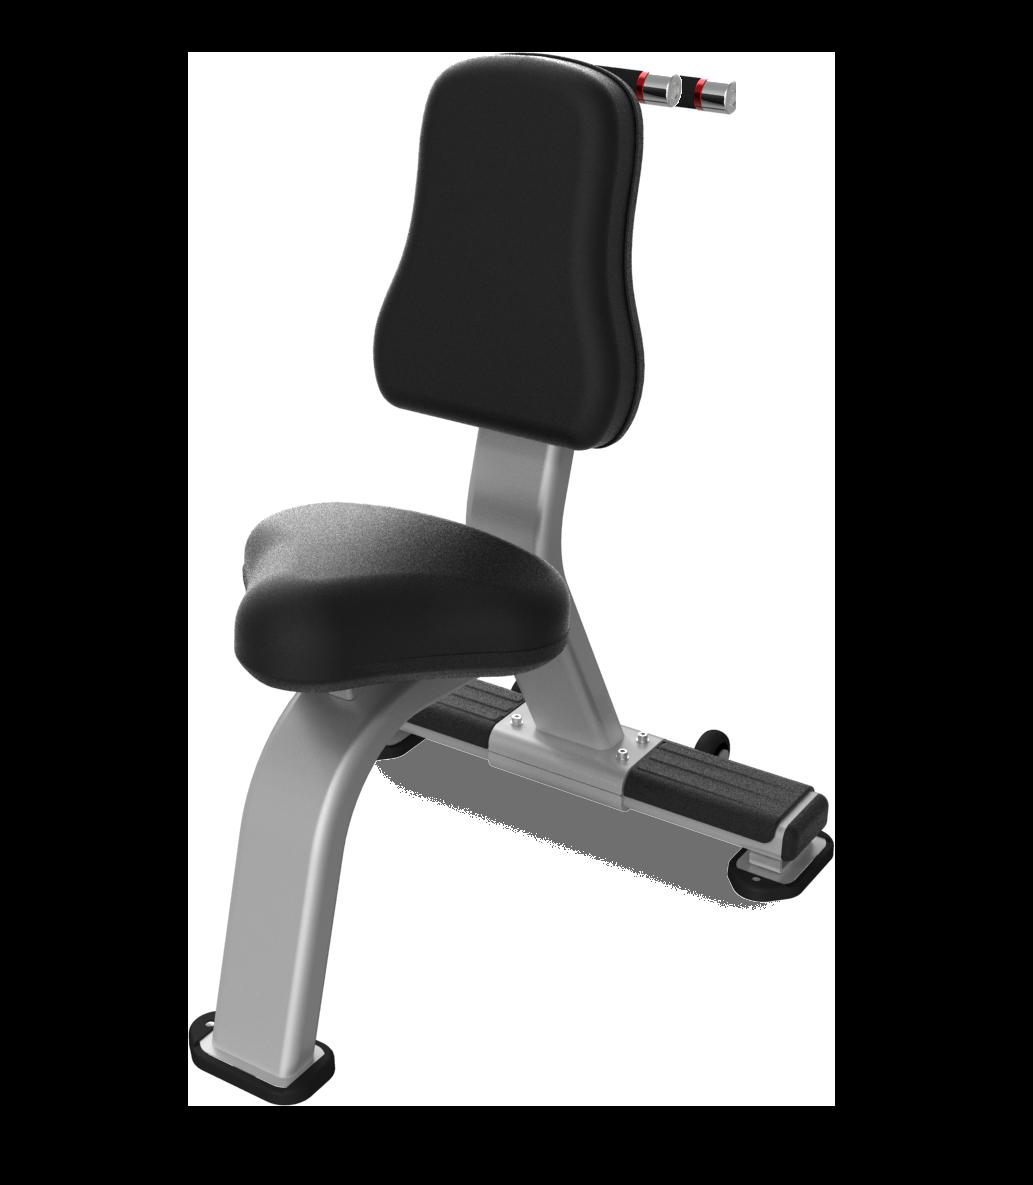 Nautilus Inspiration Utility Træningsbænk